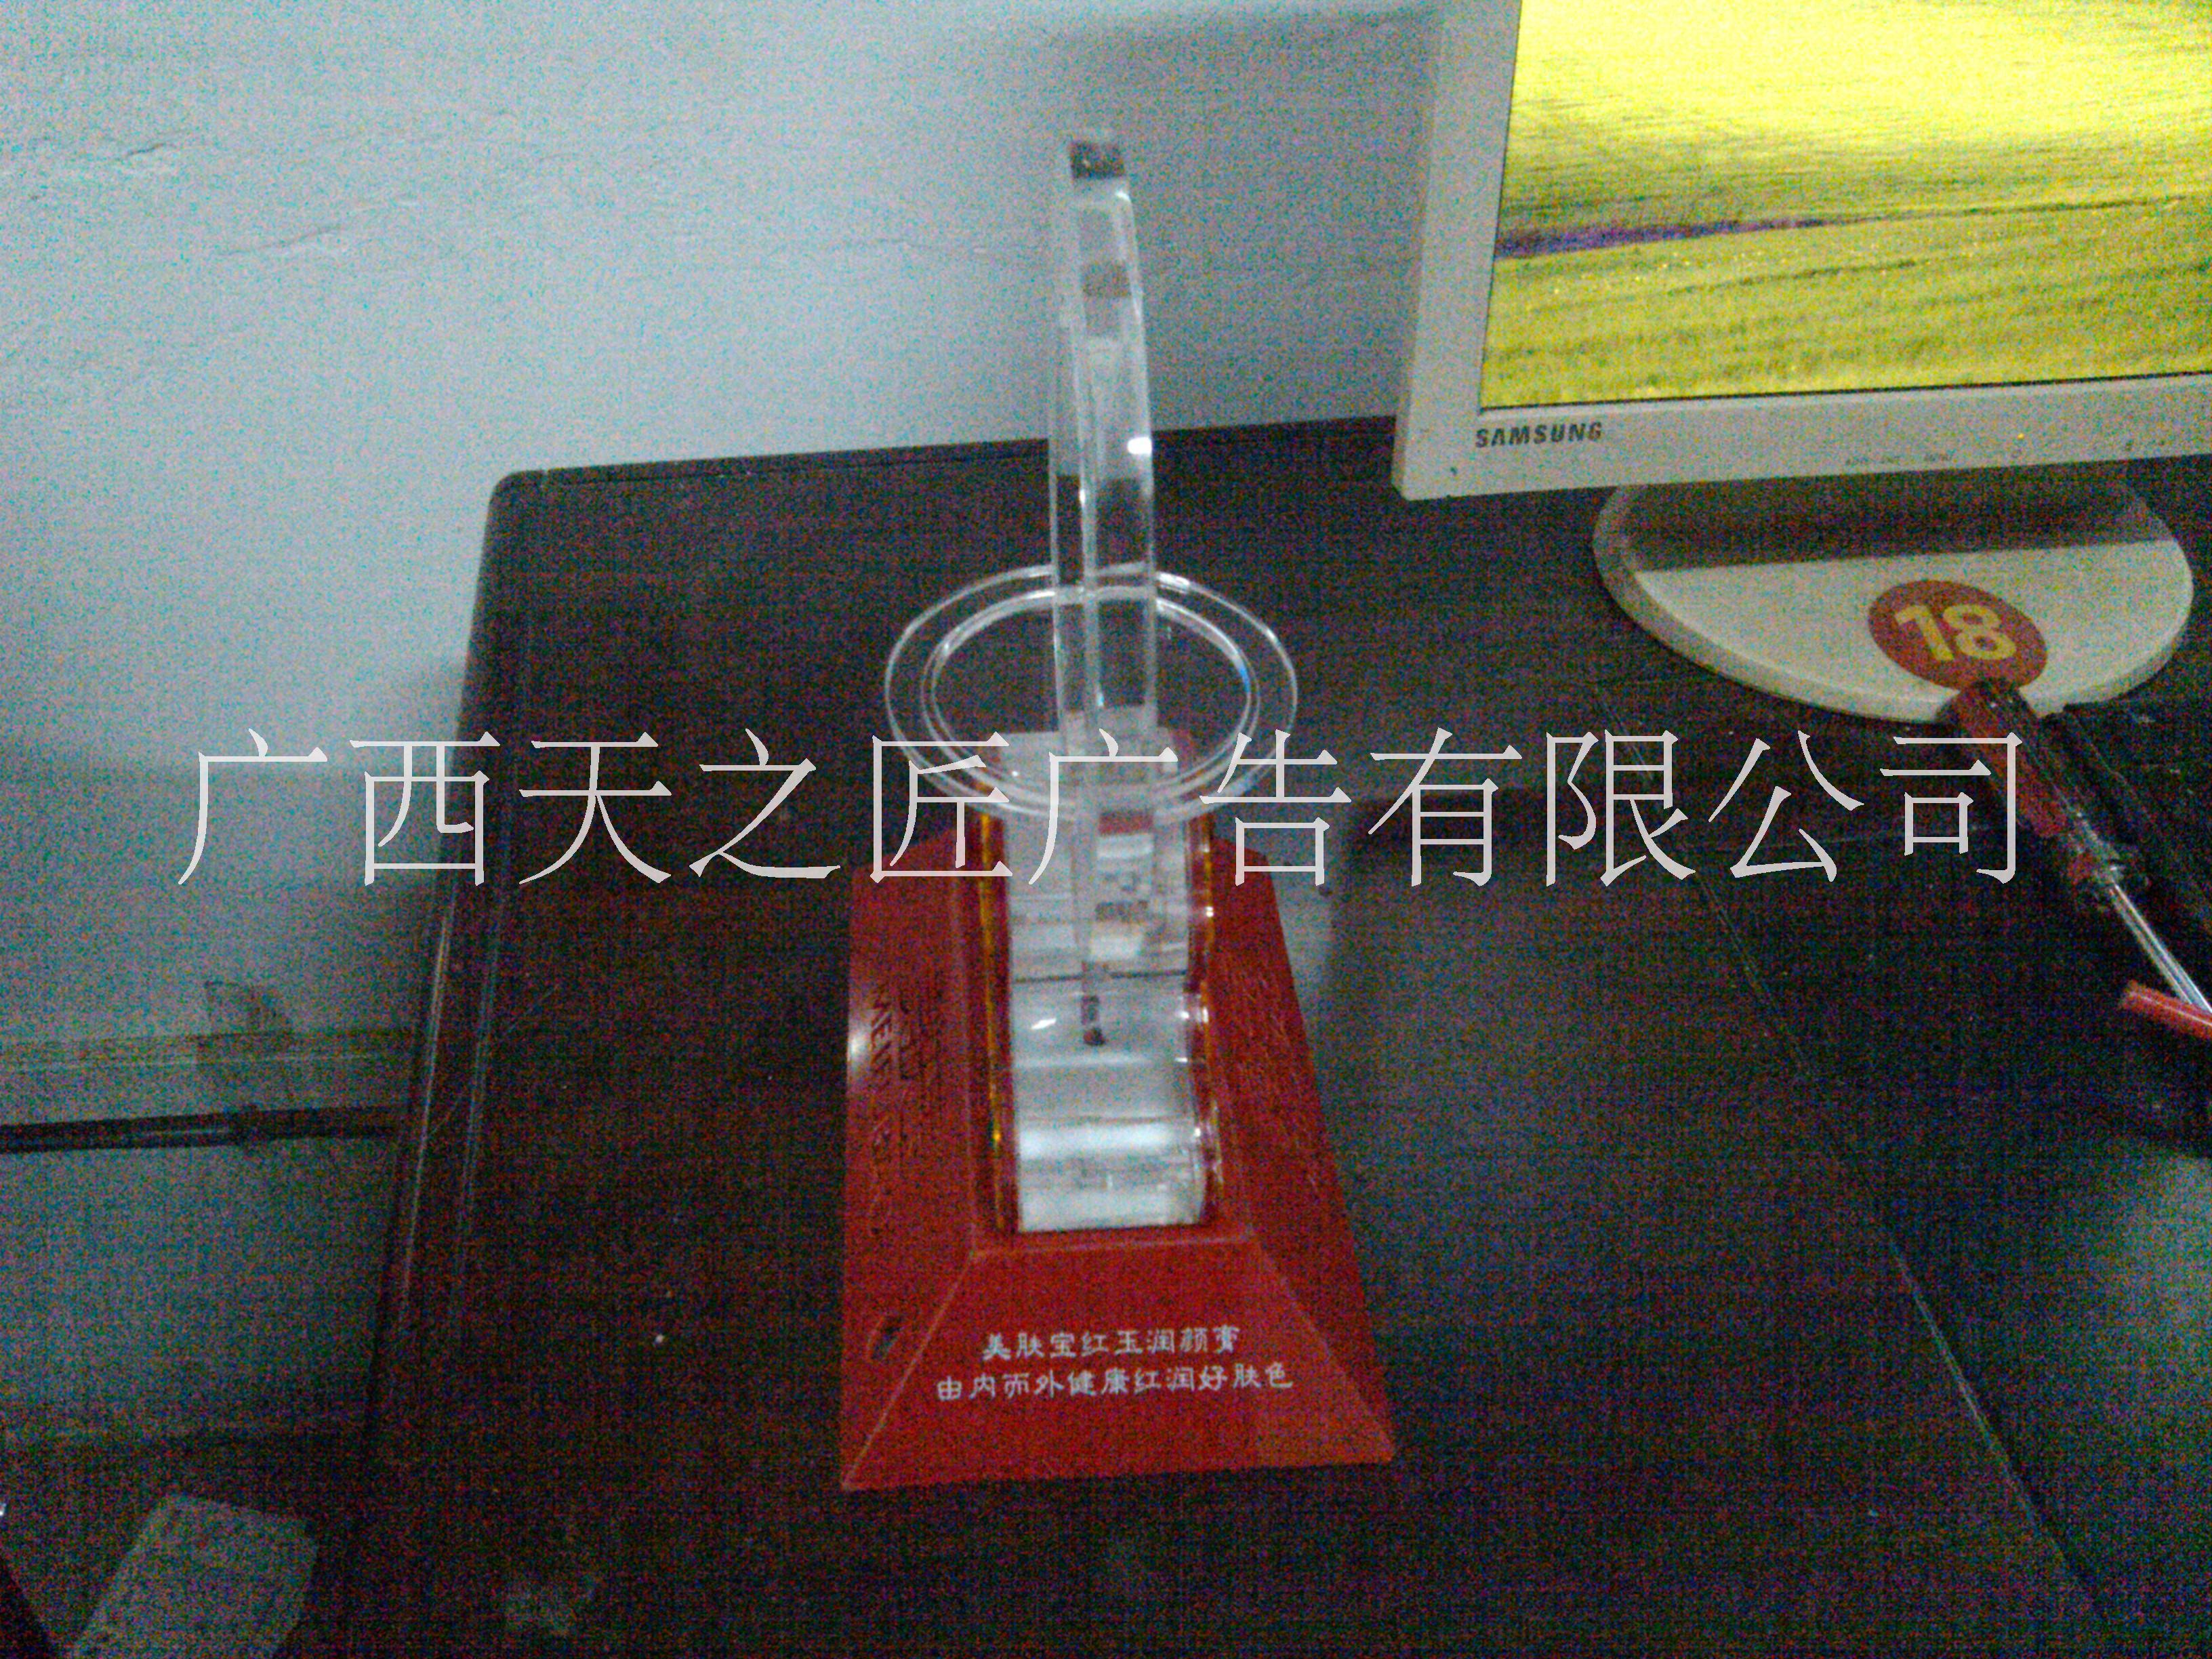 南宁有机玻璃制品,亚克力制品 南宁有机玻璃展示制品,亚克力制品 南宁展示制品道具,亚克力制品